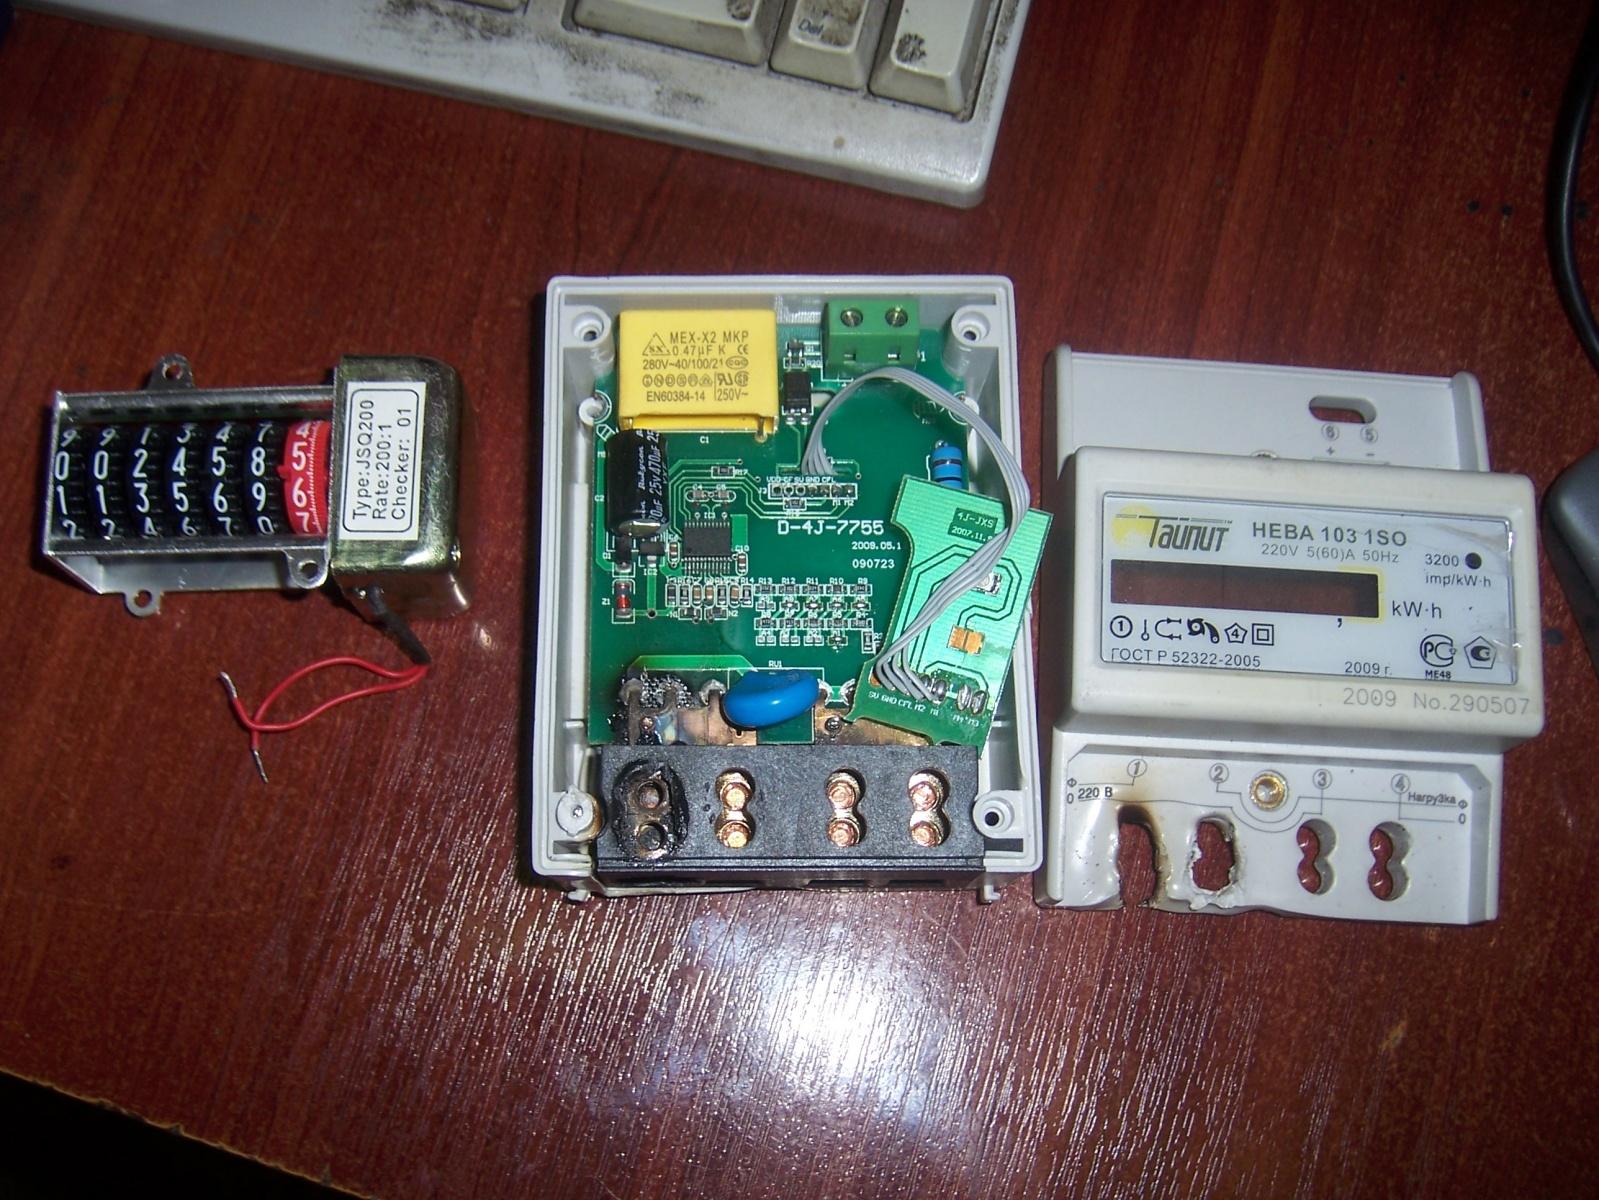 Обзор и устройство современных счётчиков электроэнергии - 2